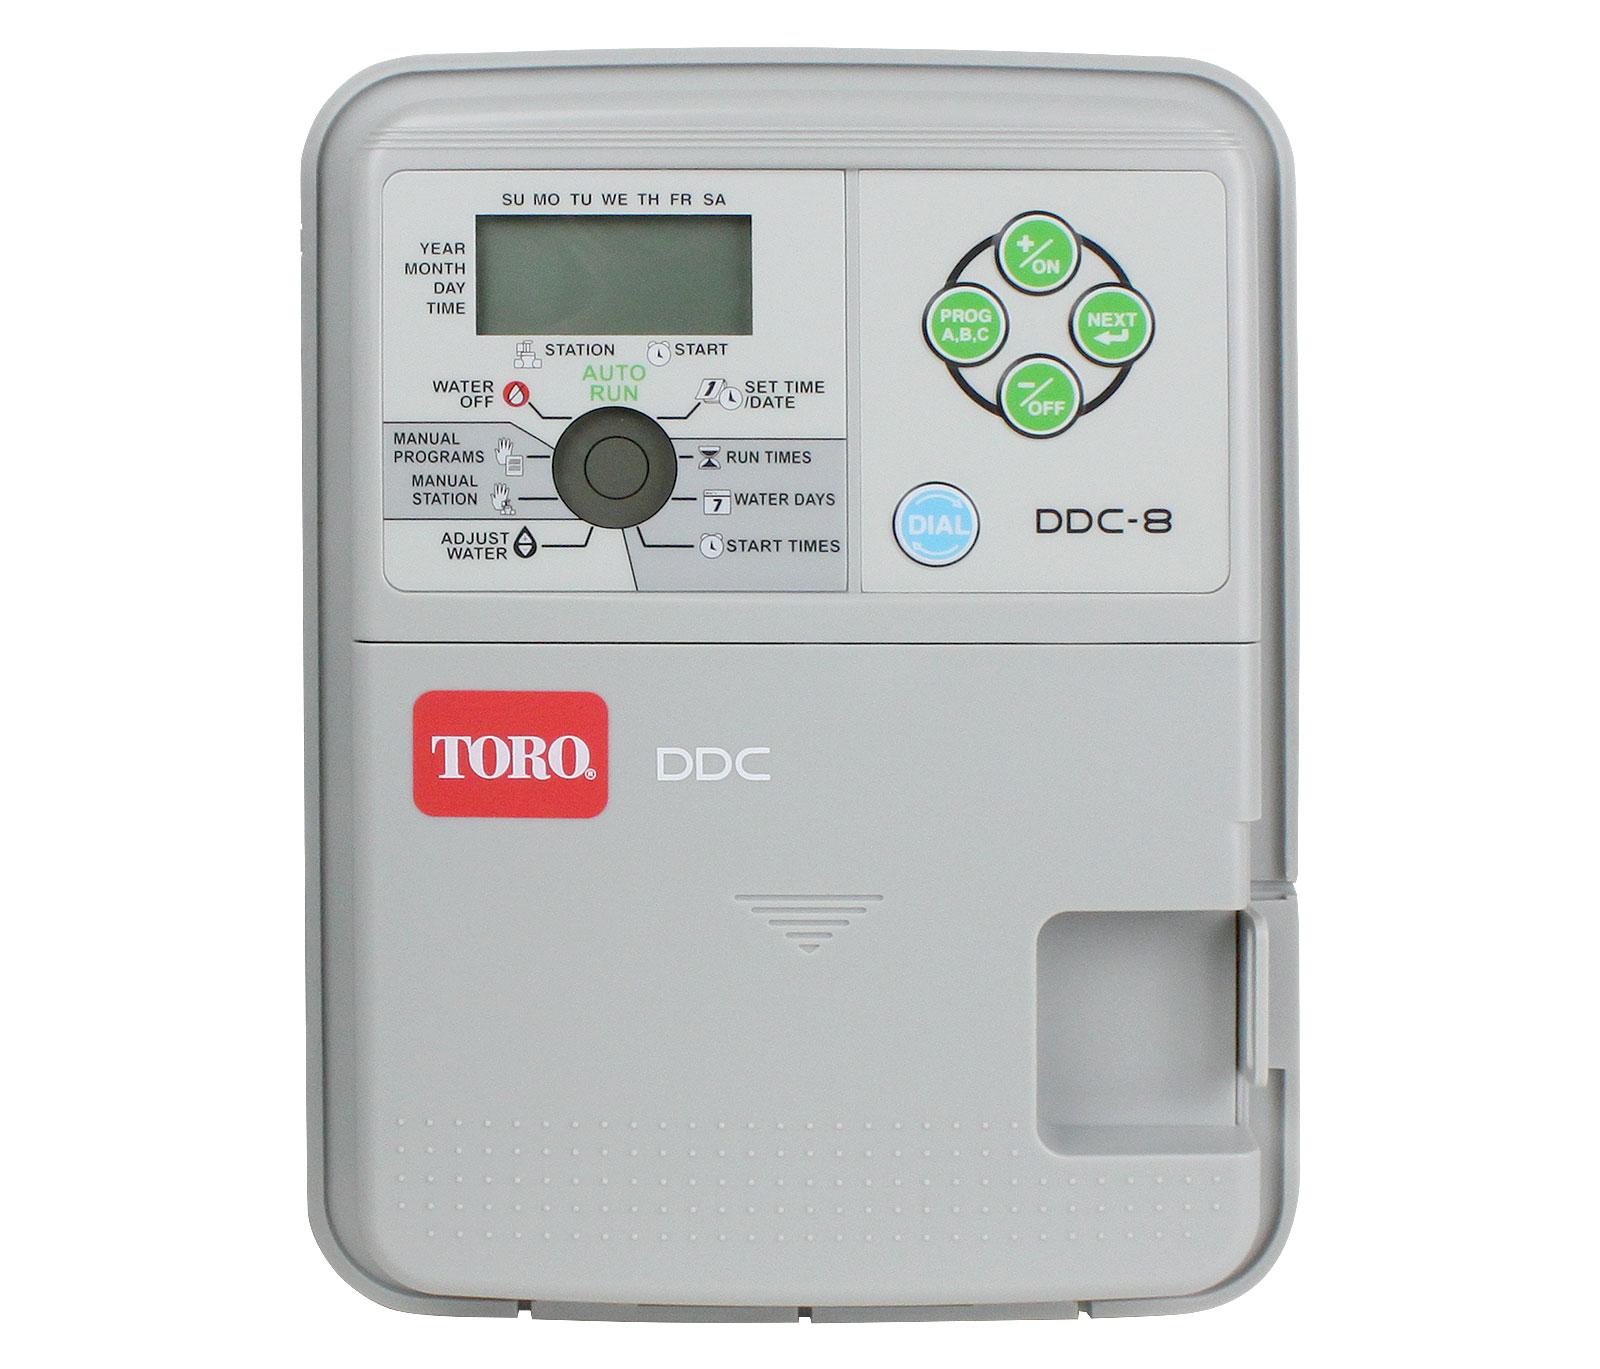 DDC 53808 main.ashx?mw=700&mh=599&hash=C73DE7A7934C22454F374E5AE0660574EE64DF24 toro sprinkler wiring diagram wiring diagram and schematic design wiring diagram toro sprinkler control at honlapkeszites.co